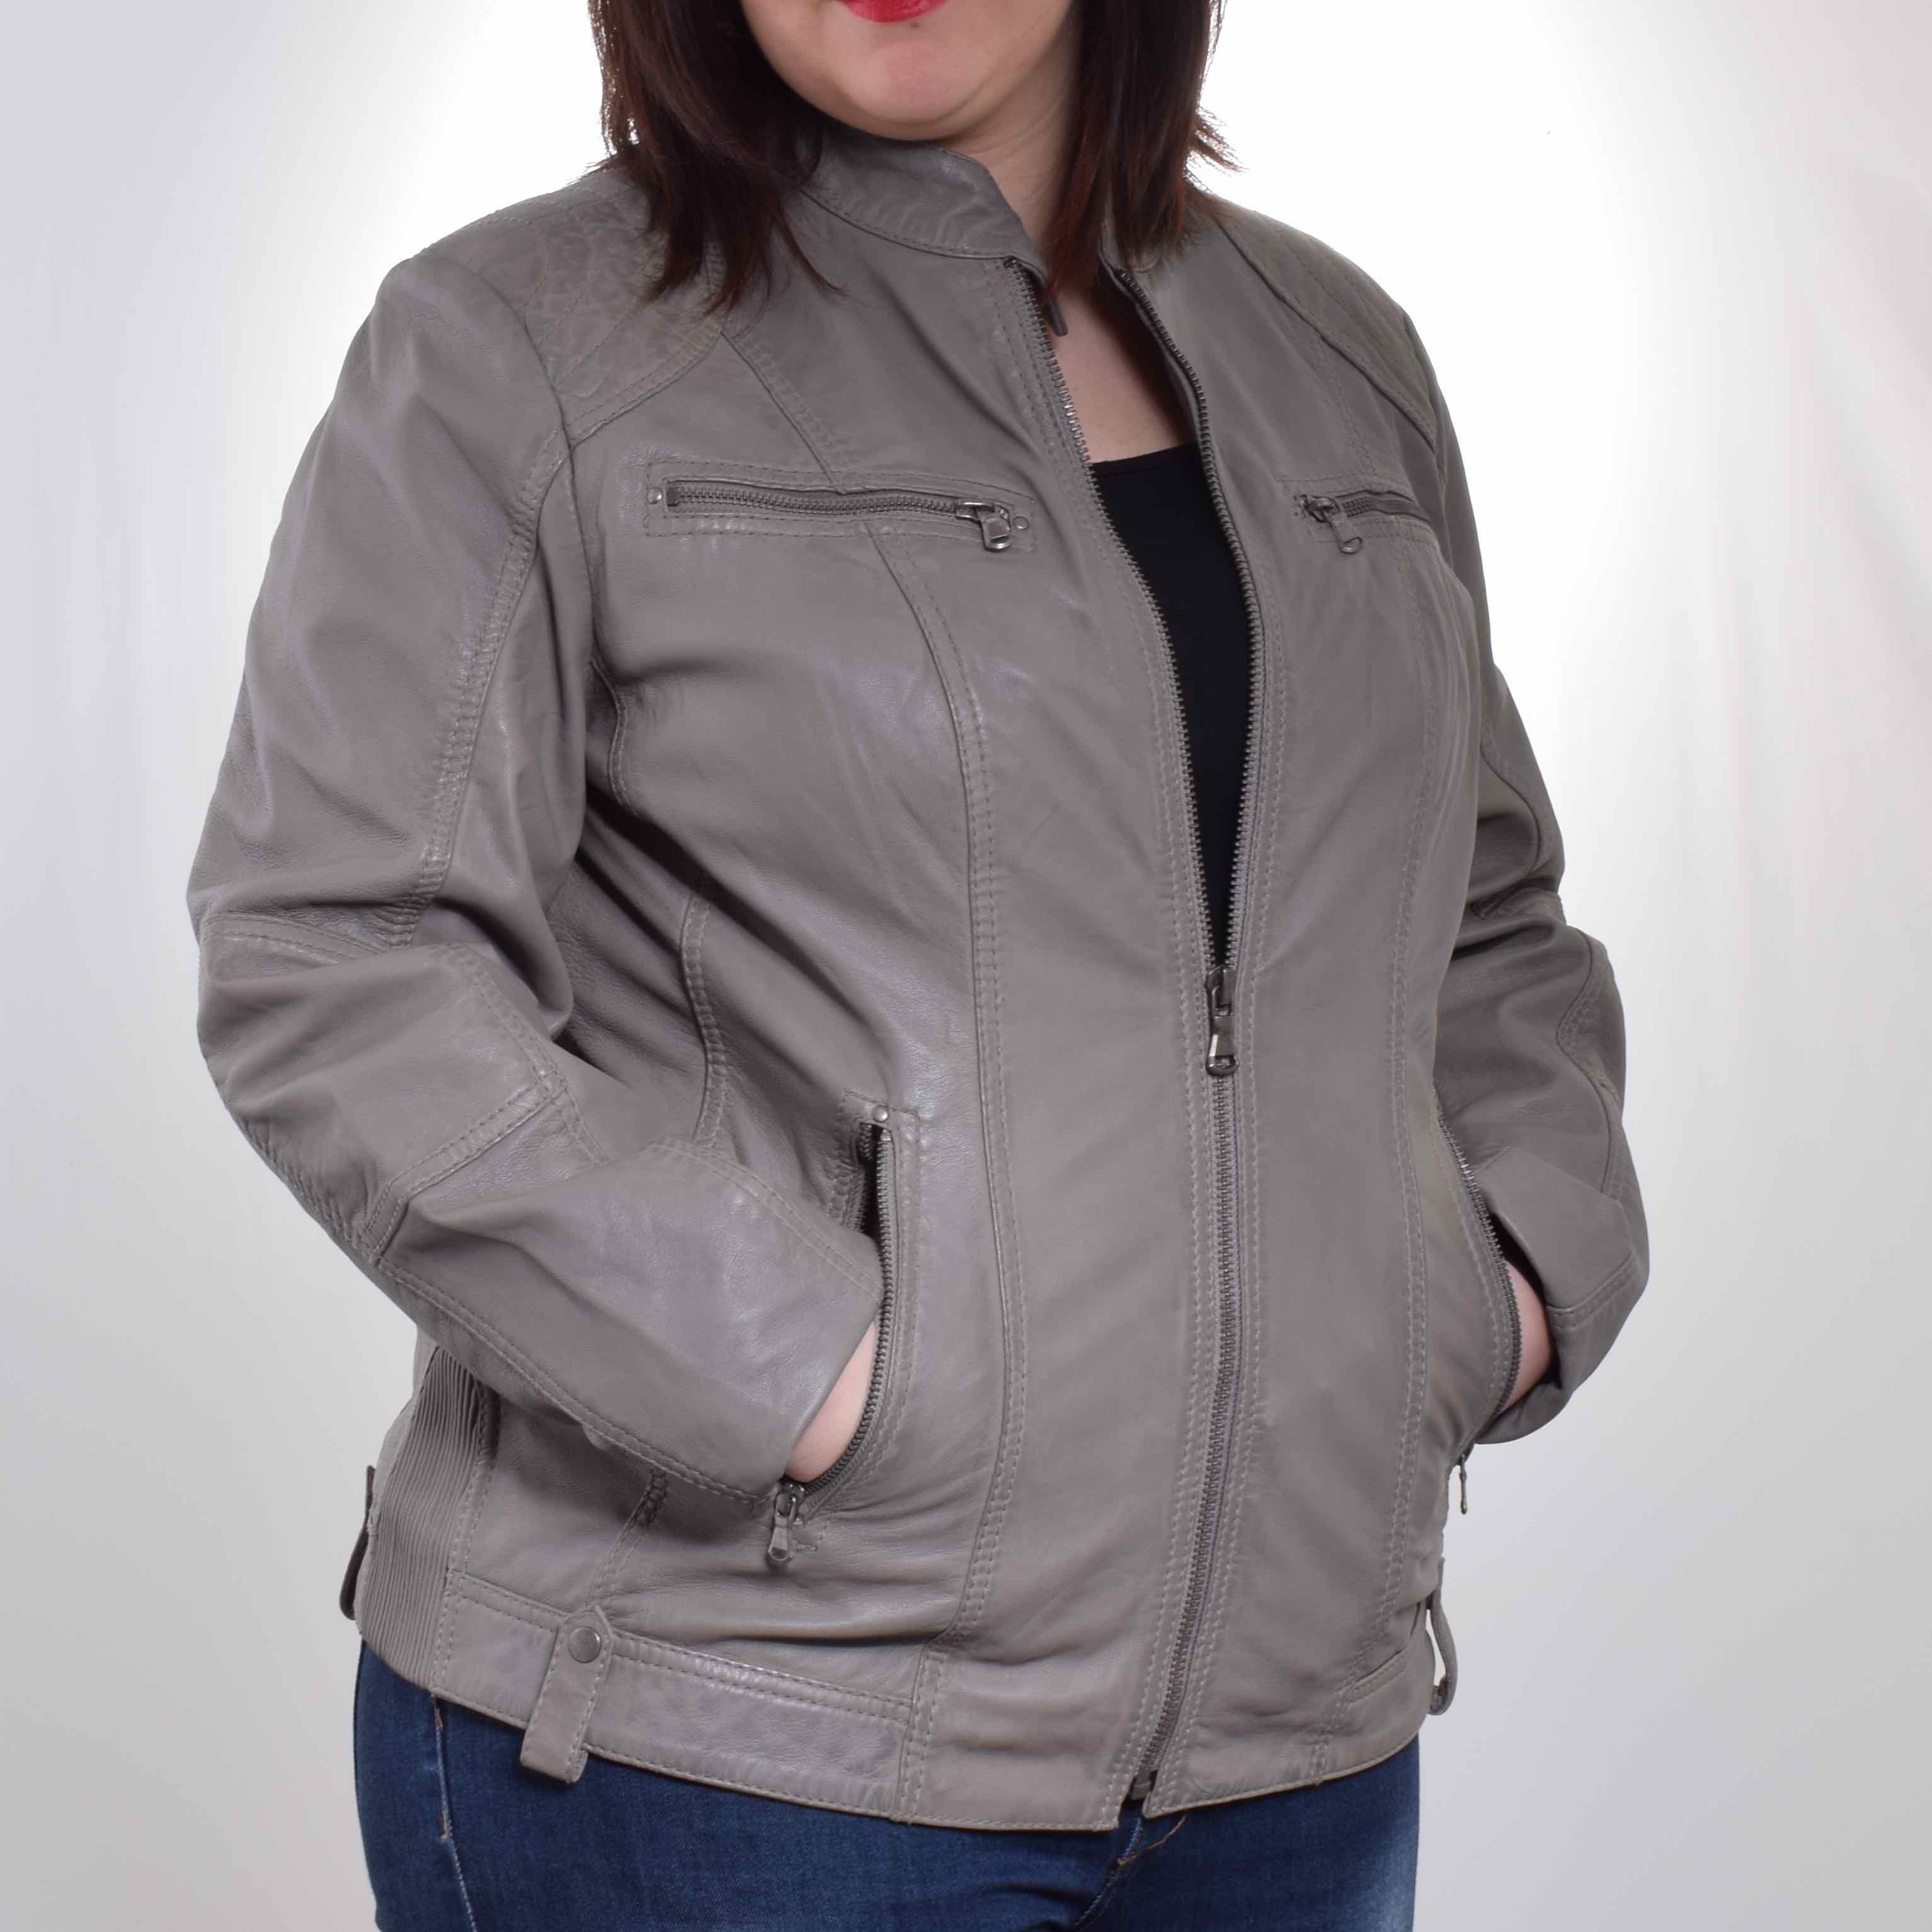 Veste en cuir femme grande taille pas cher